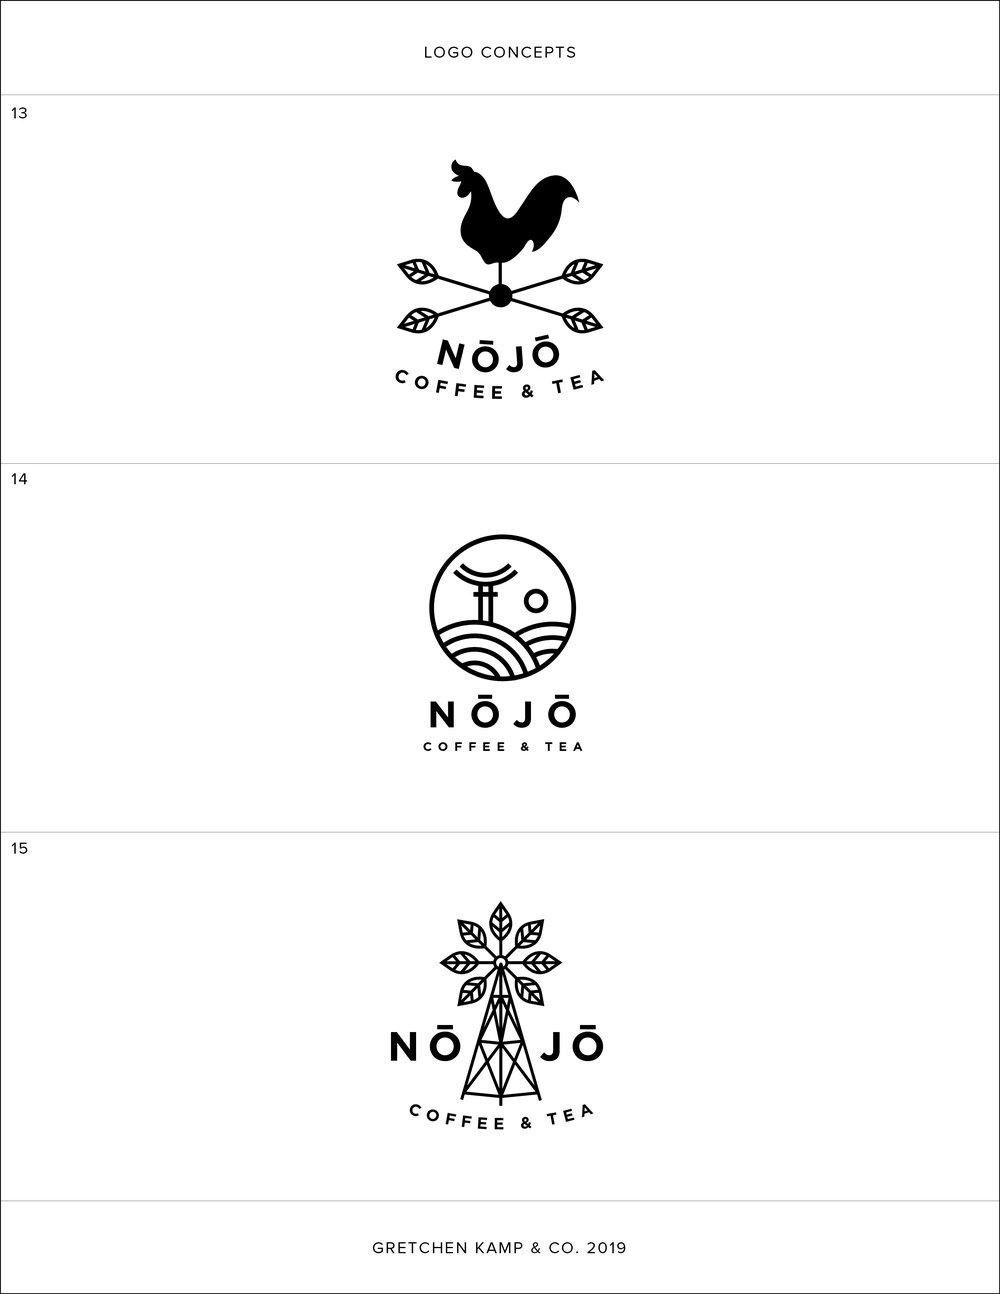 Nojo_Logos_v03-01.jpg